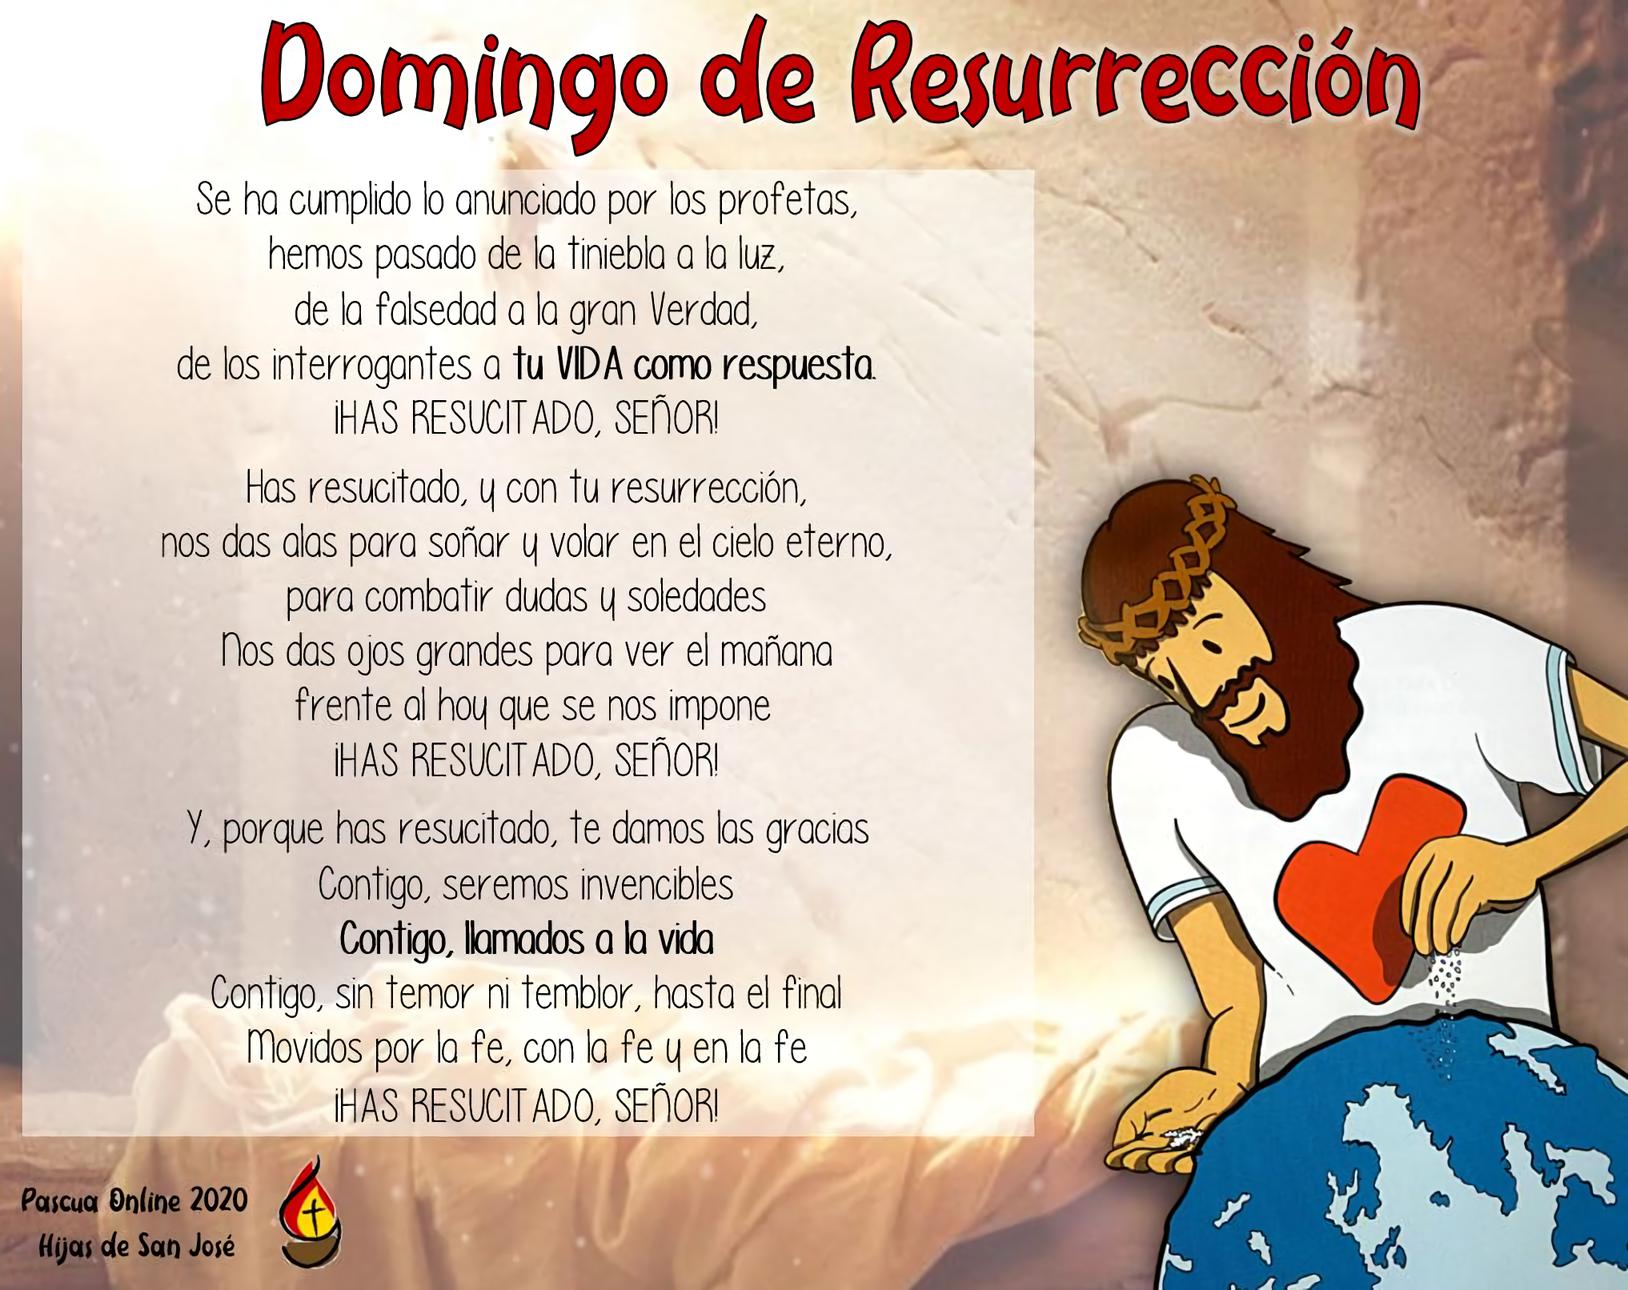 Domingo de Resurrección joven